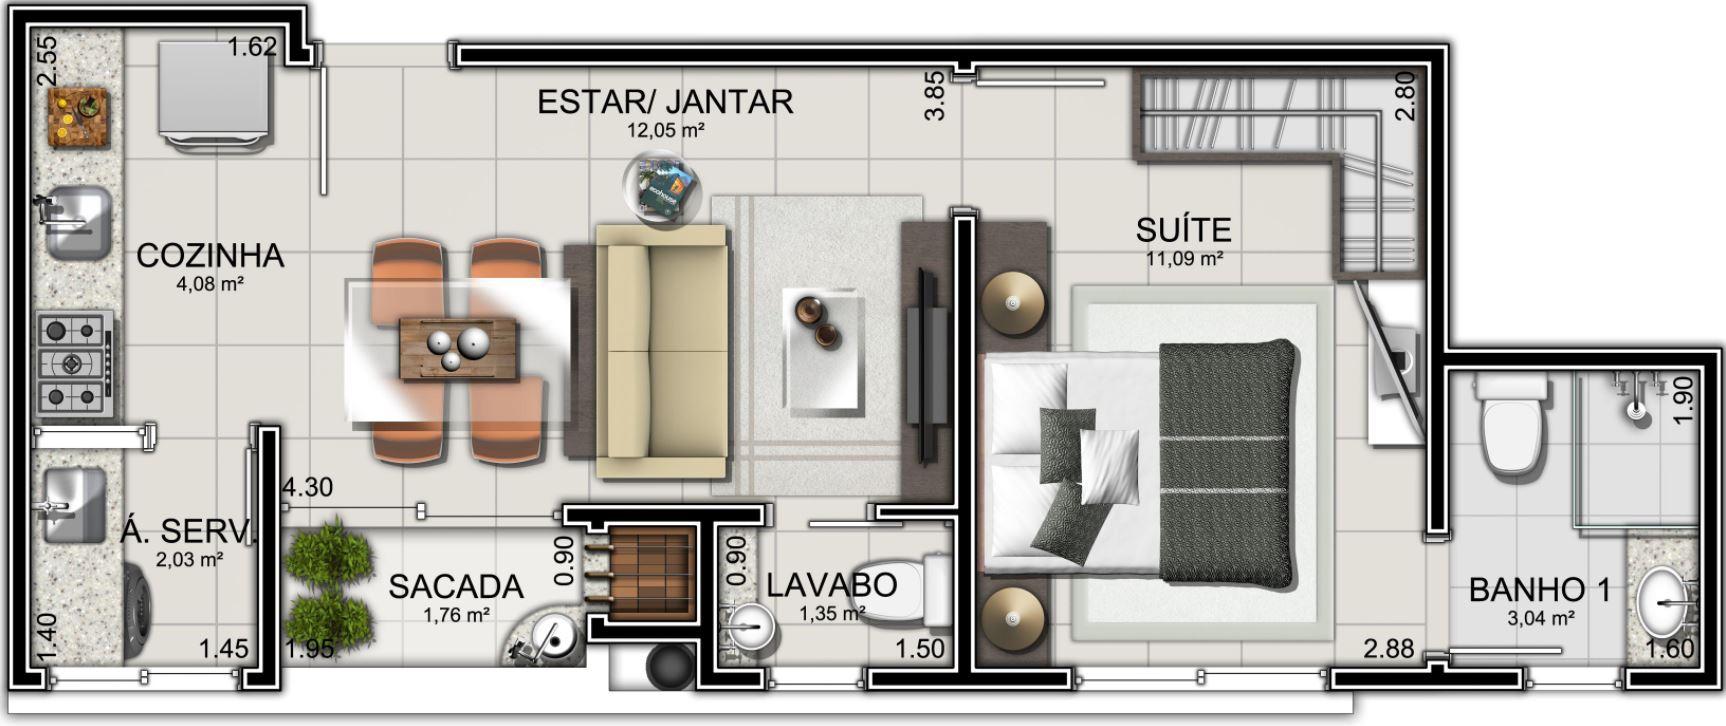 küçük daire planları ile ölçümler